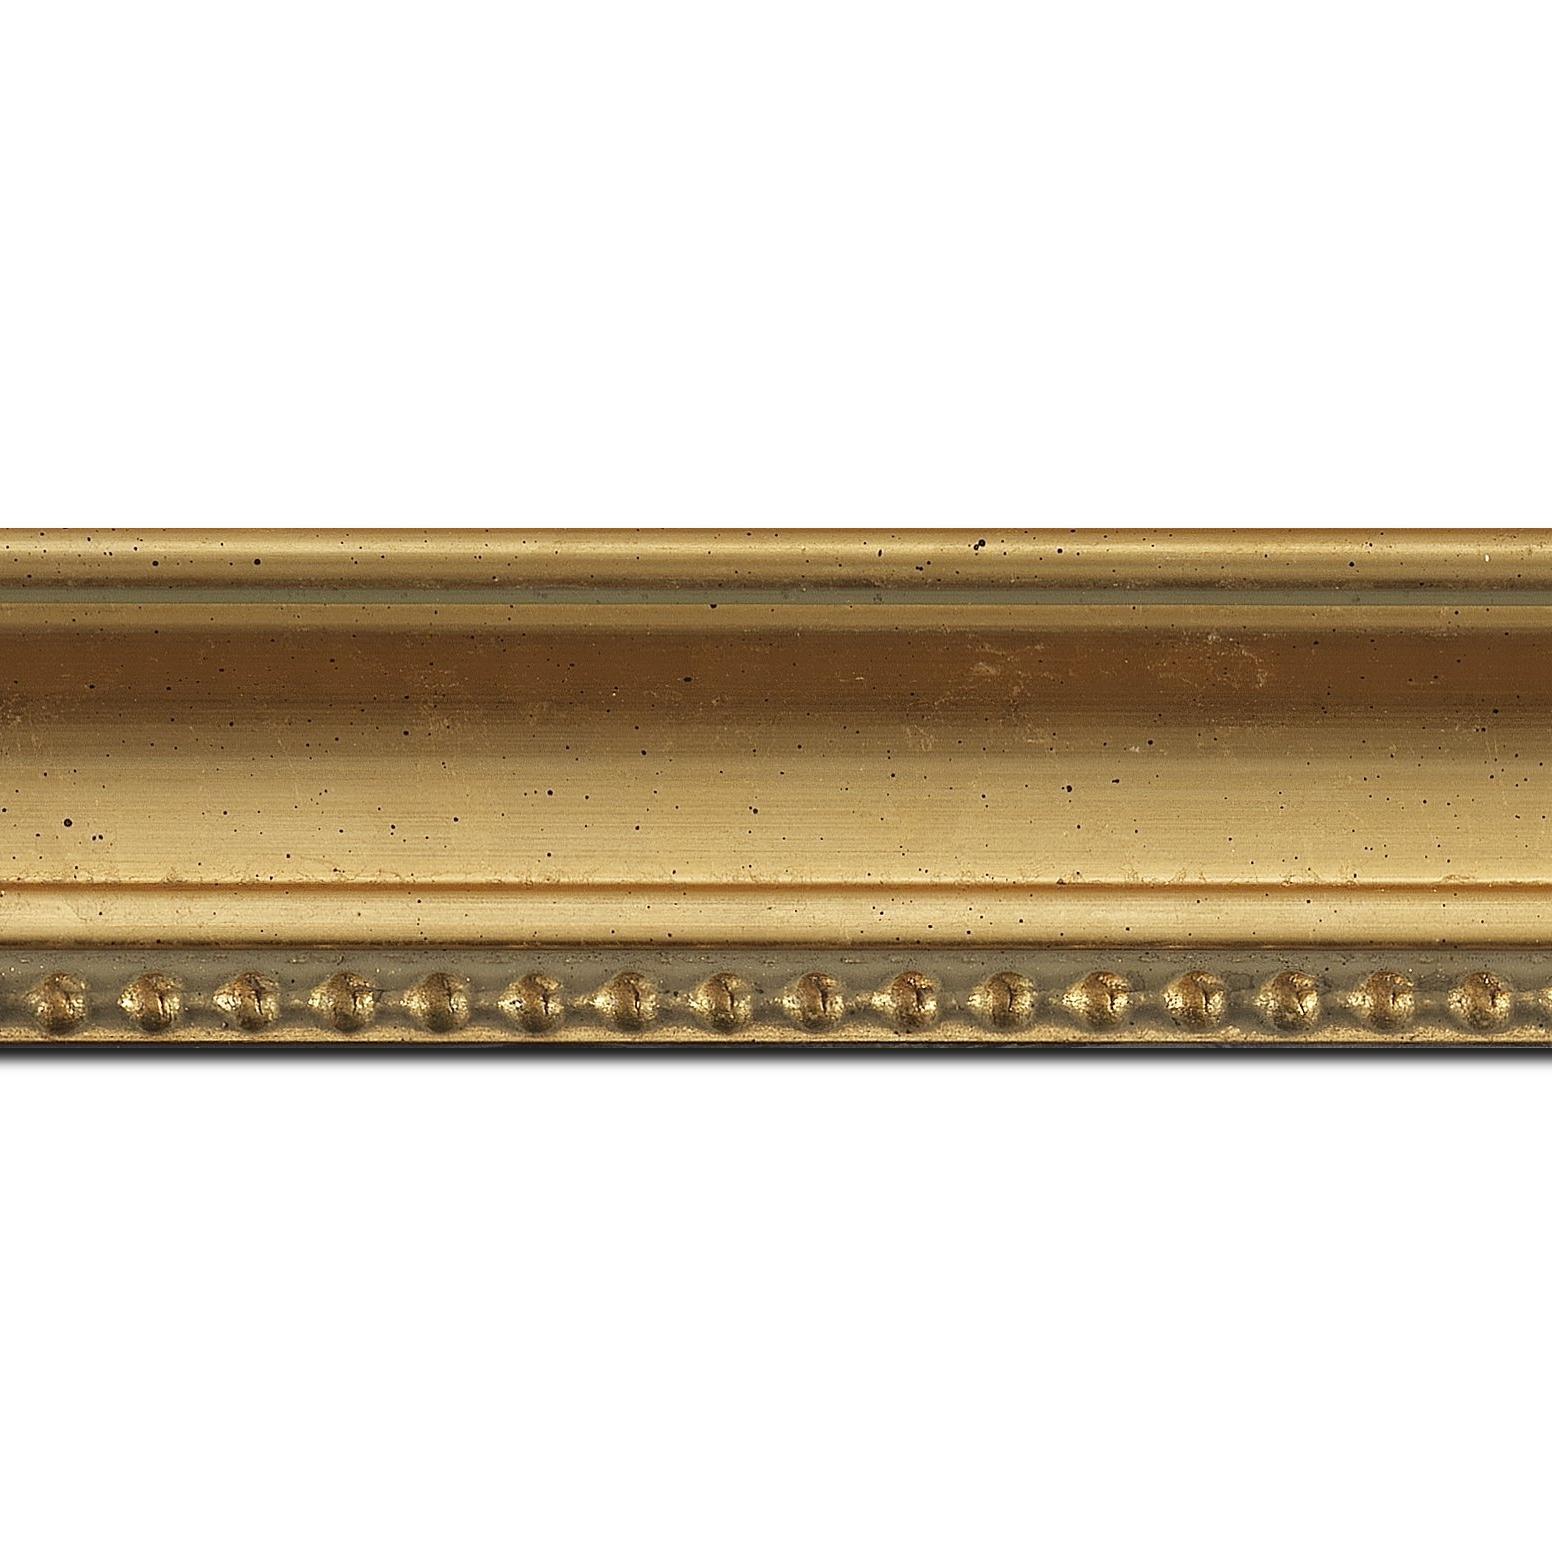 Baguette longueur 1.40m bois profil incurvé largeur 5cm or à la feuille filet perle